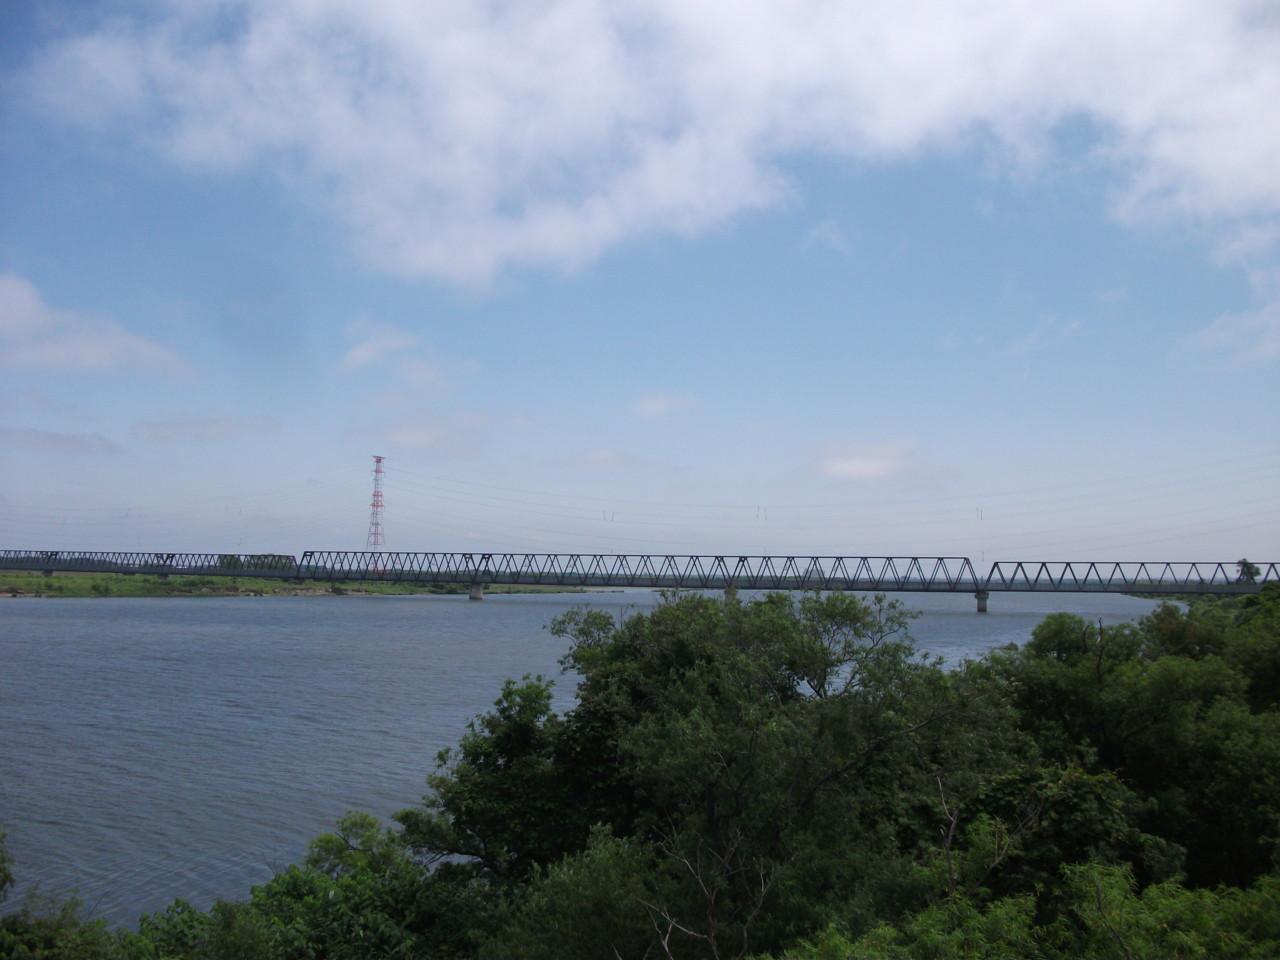 石狩川@札幌大橋 個別「[札幌] 石狩川@札幌大橋」の写真、画像、...